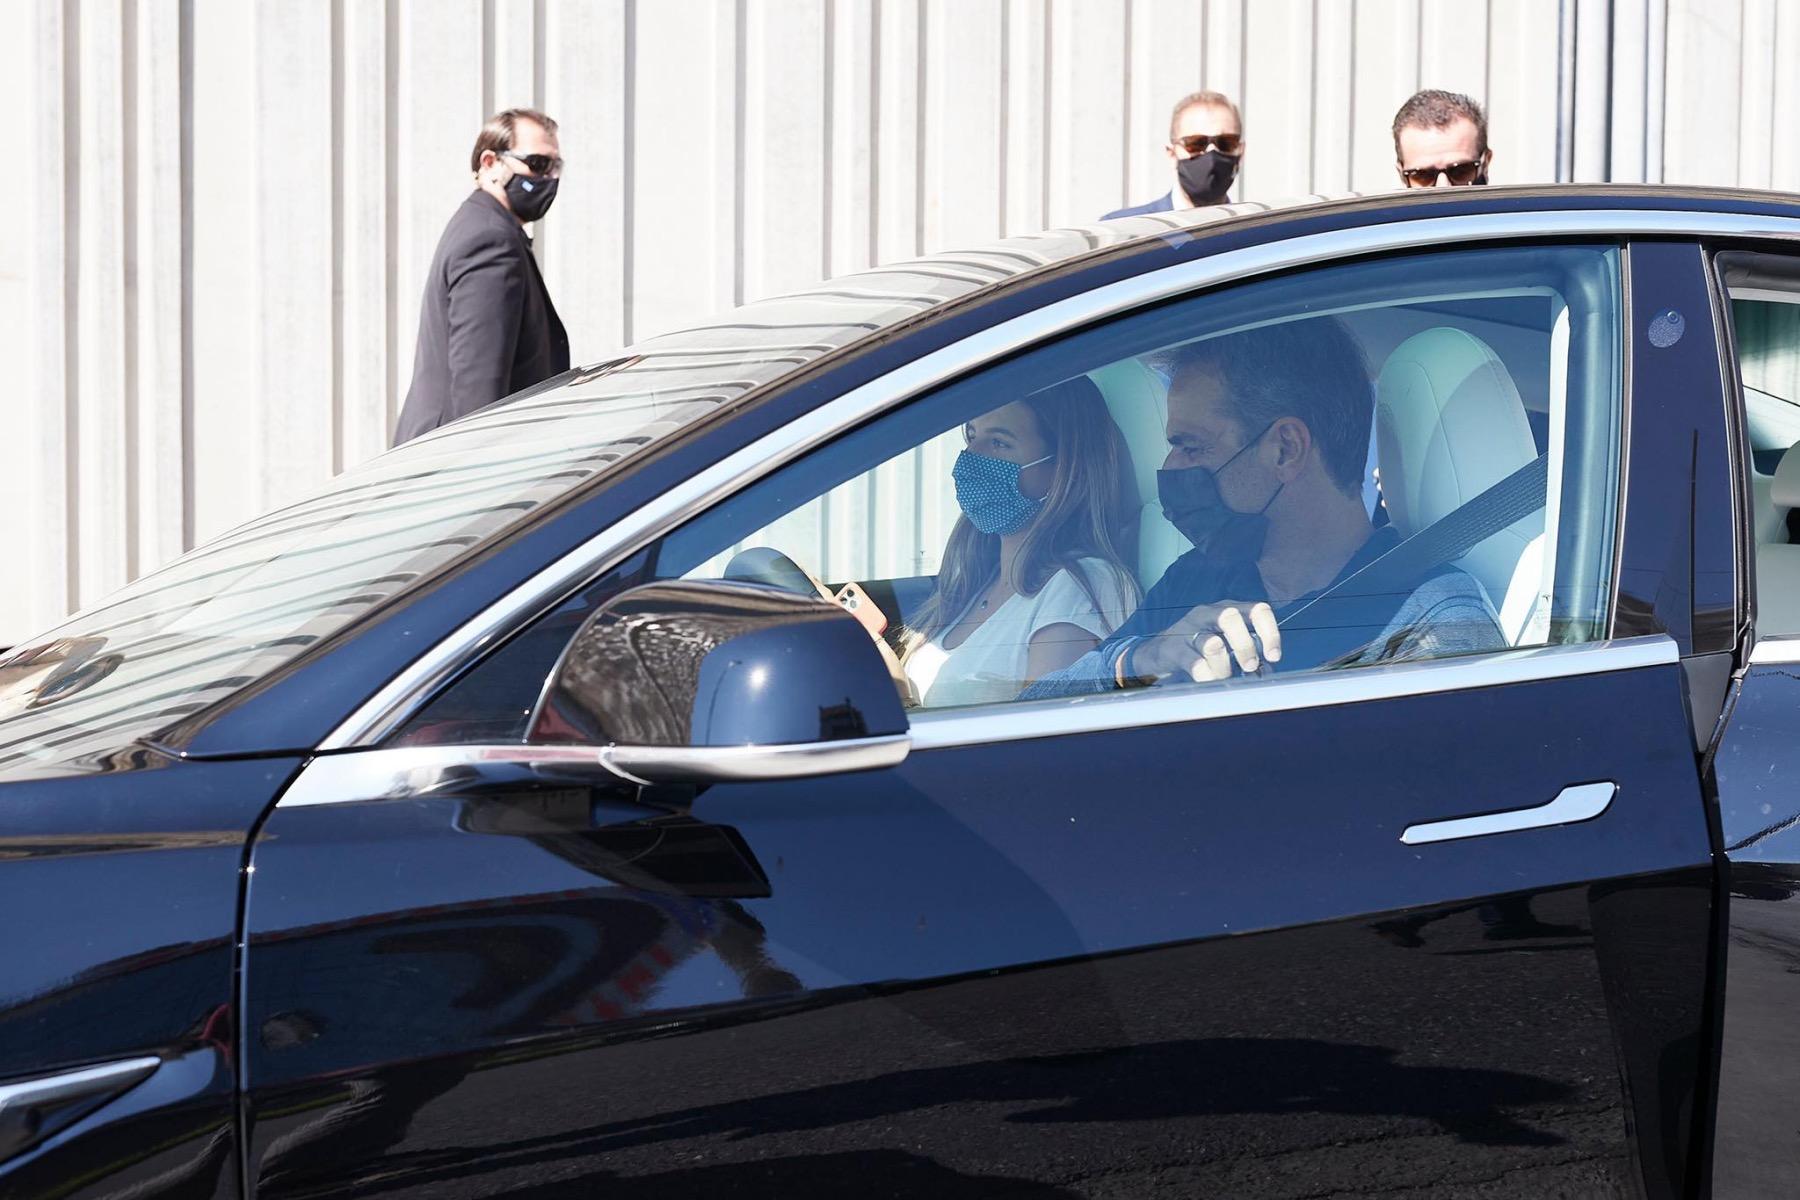 Ο Πρωθυπουργός της Ελλάδας Κυριάκος Μητσοτάκης οδηγεί το Tesla Model 3 [photos]